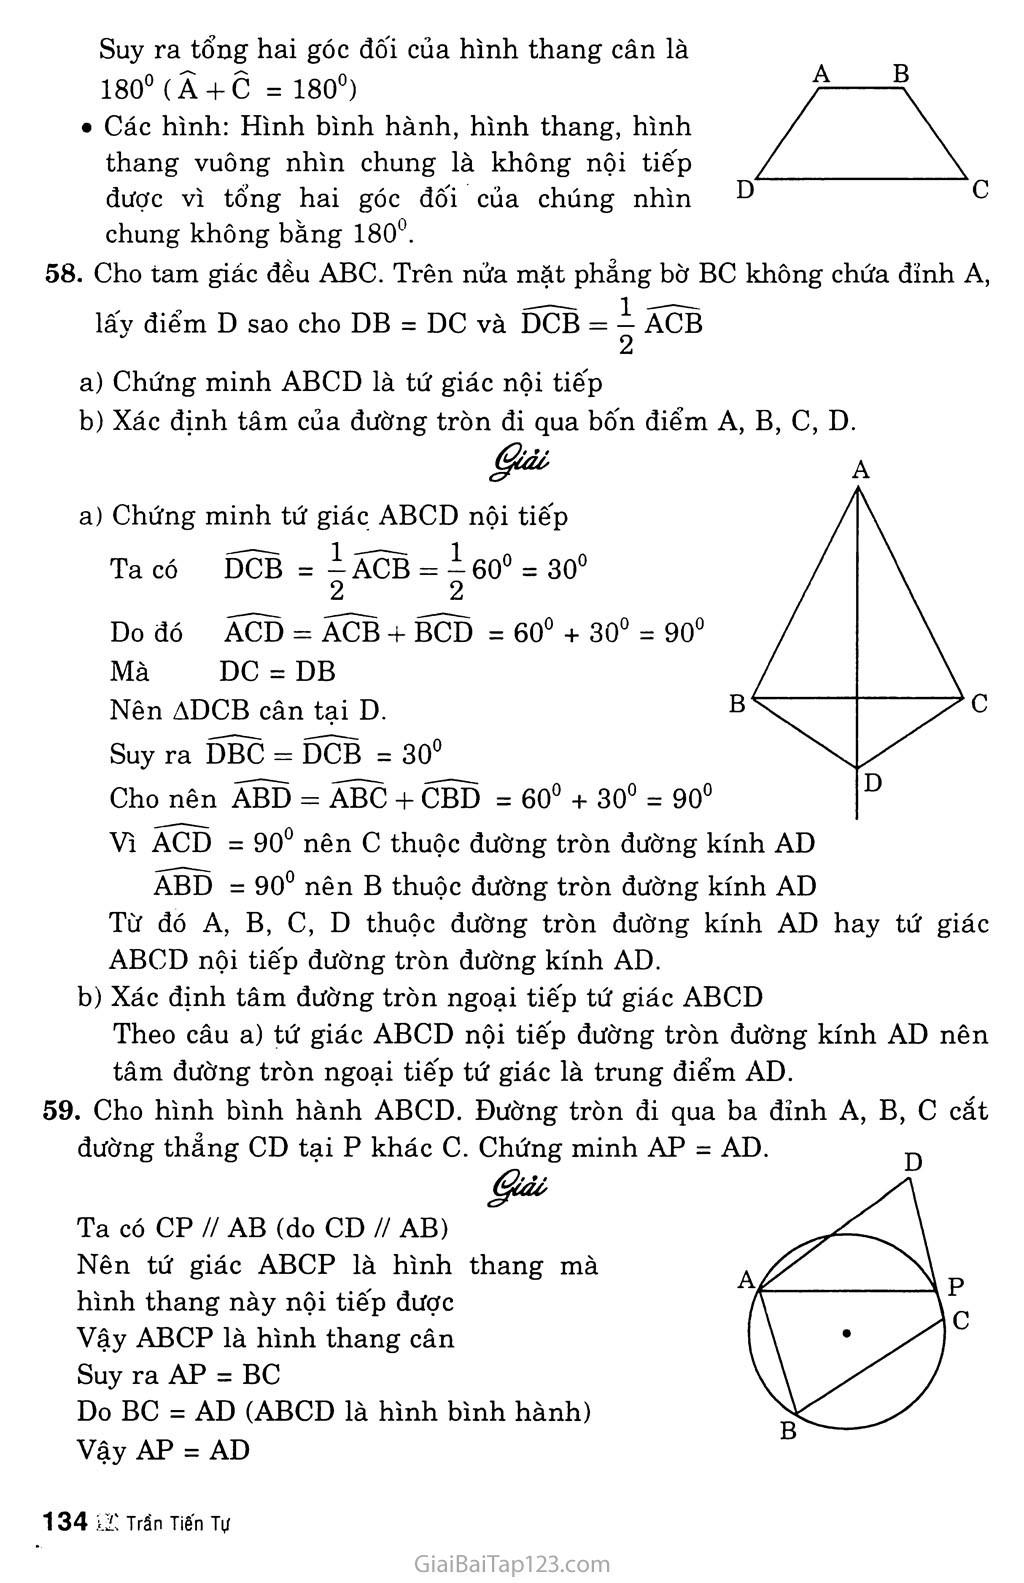 Bài 7. Tứ giác nội tiếp trang 5